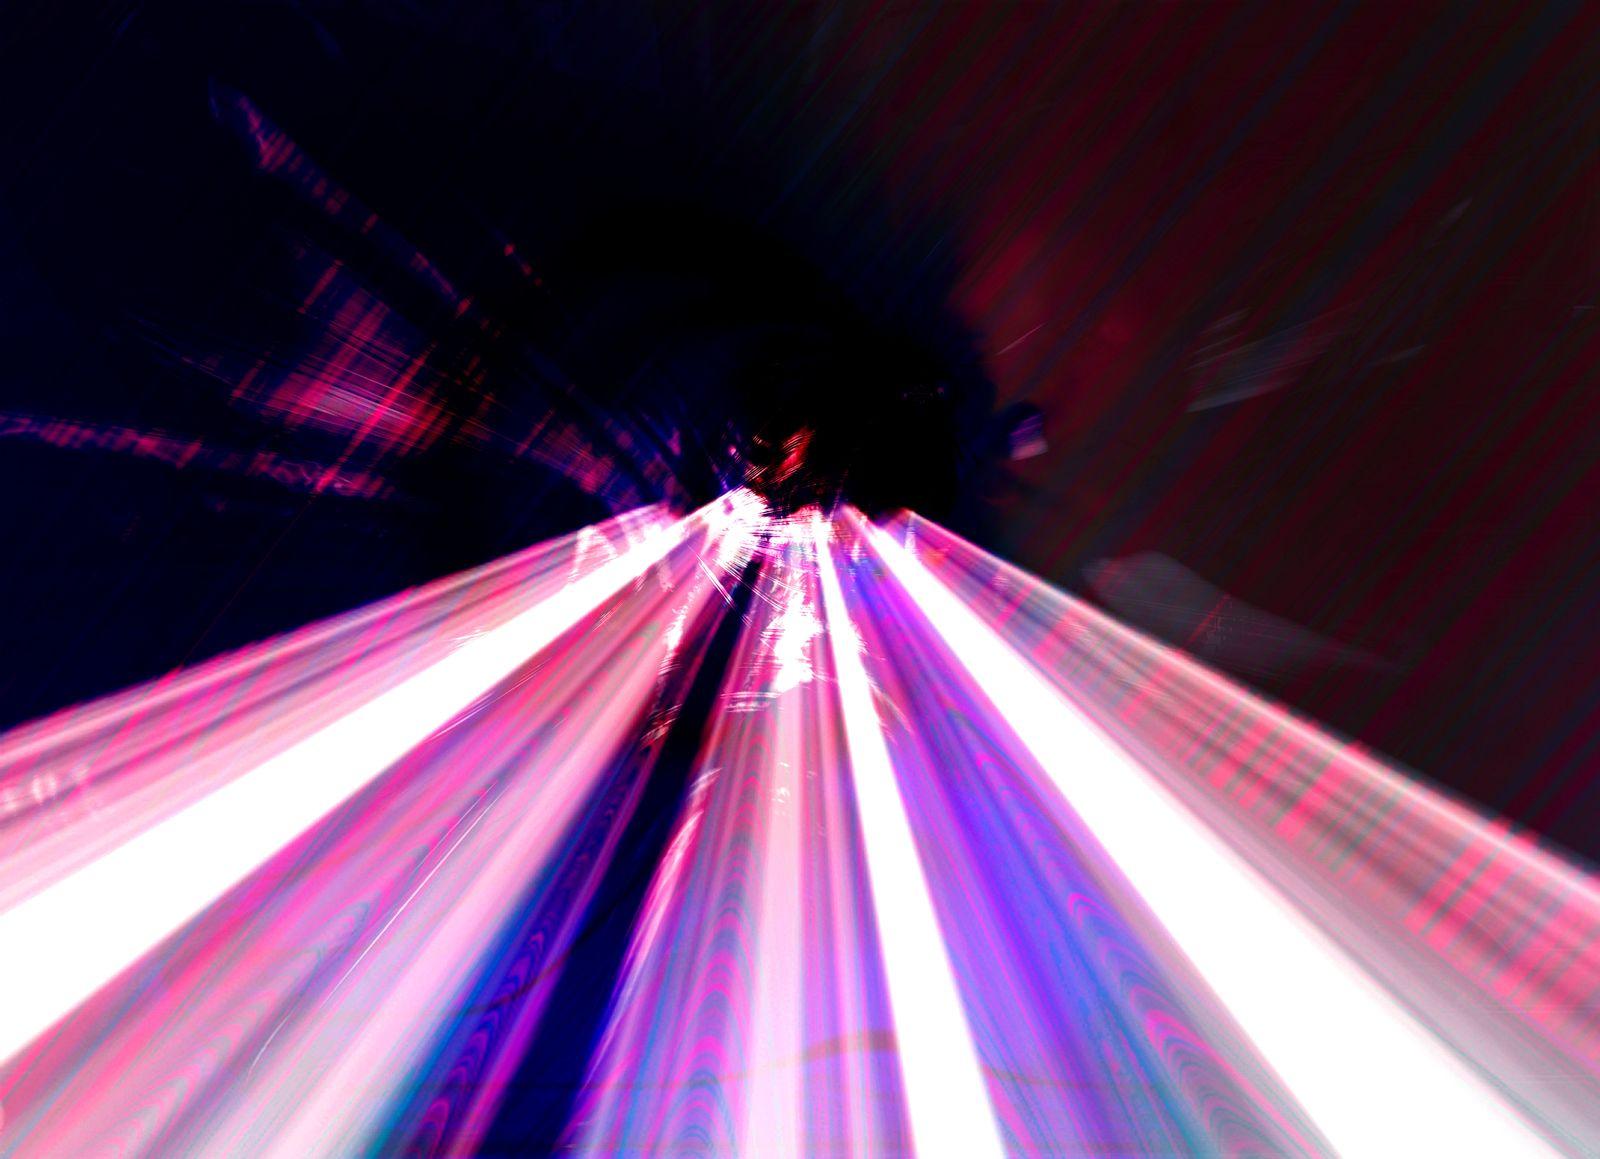 NICHT MEHR VERWENDEN! - Symbolbild / Lichtgeschwindigkeit